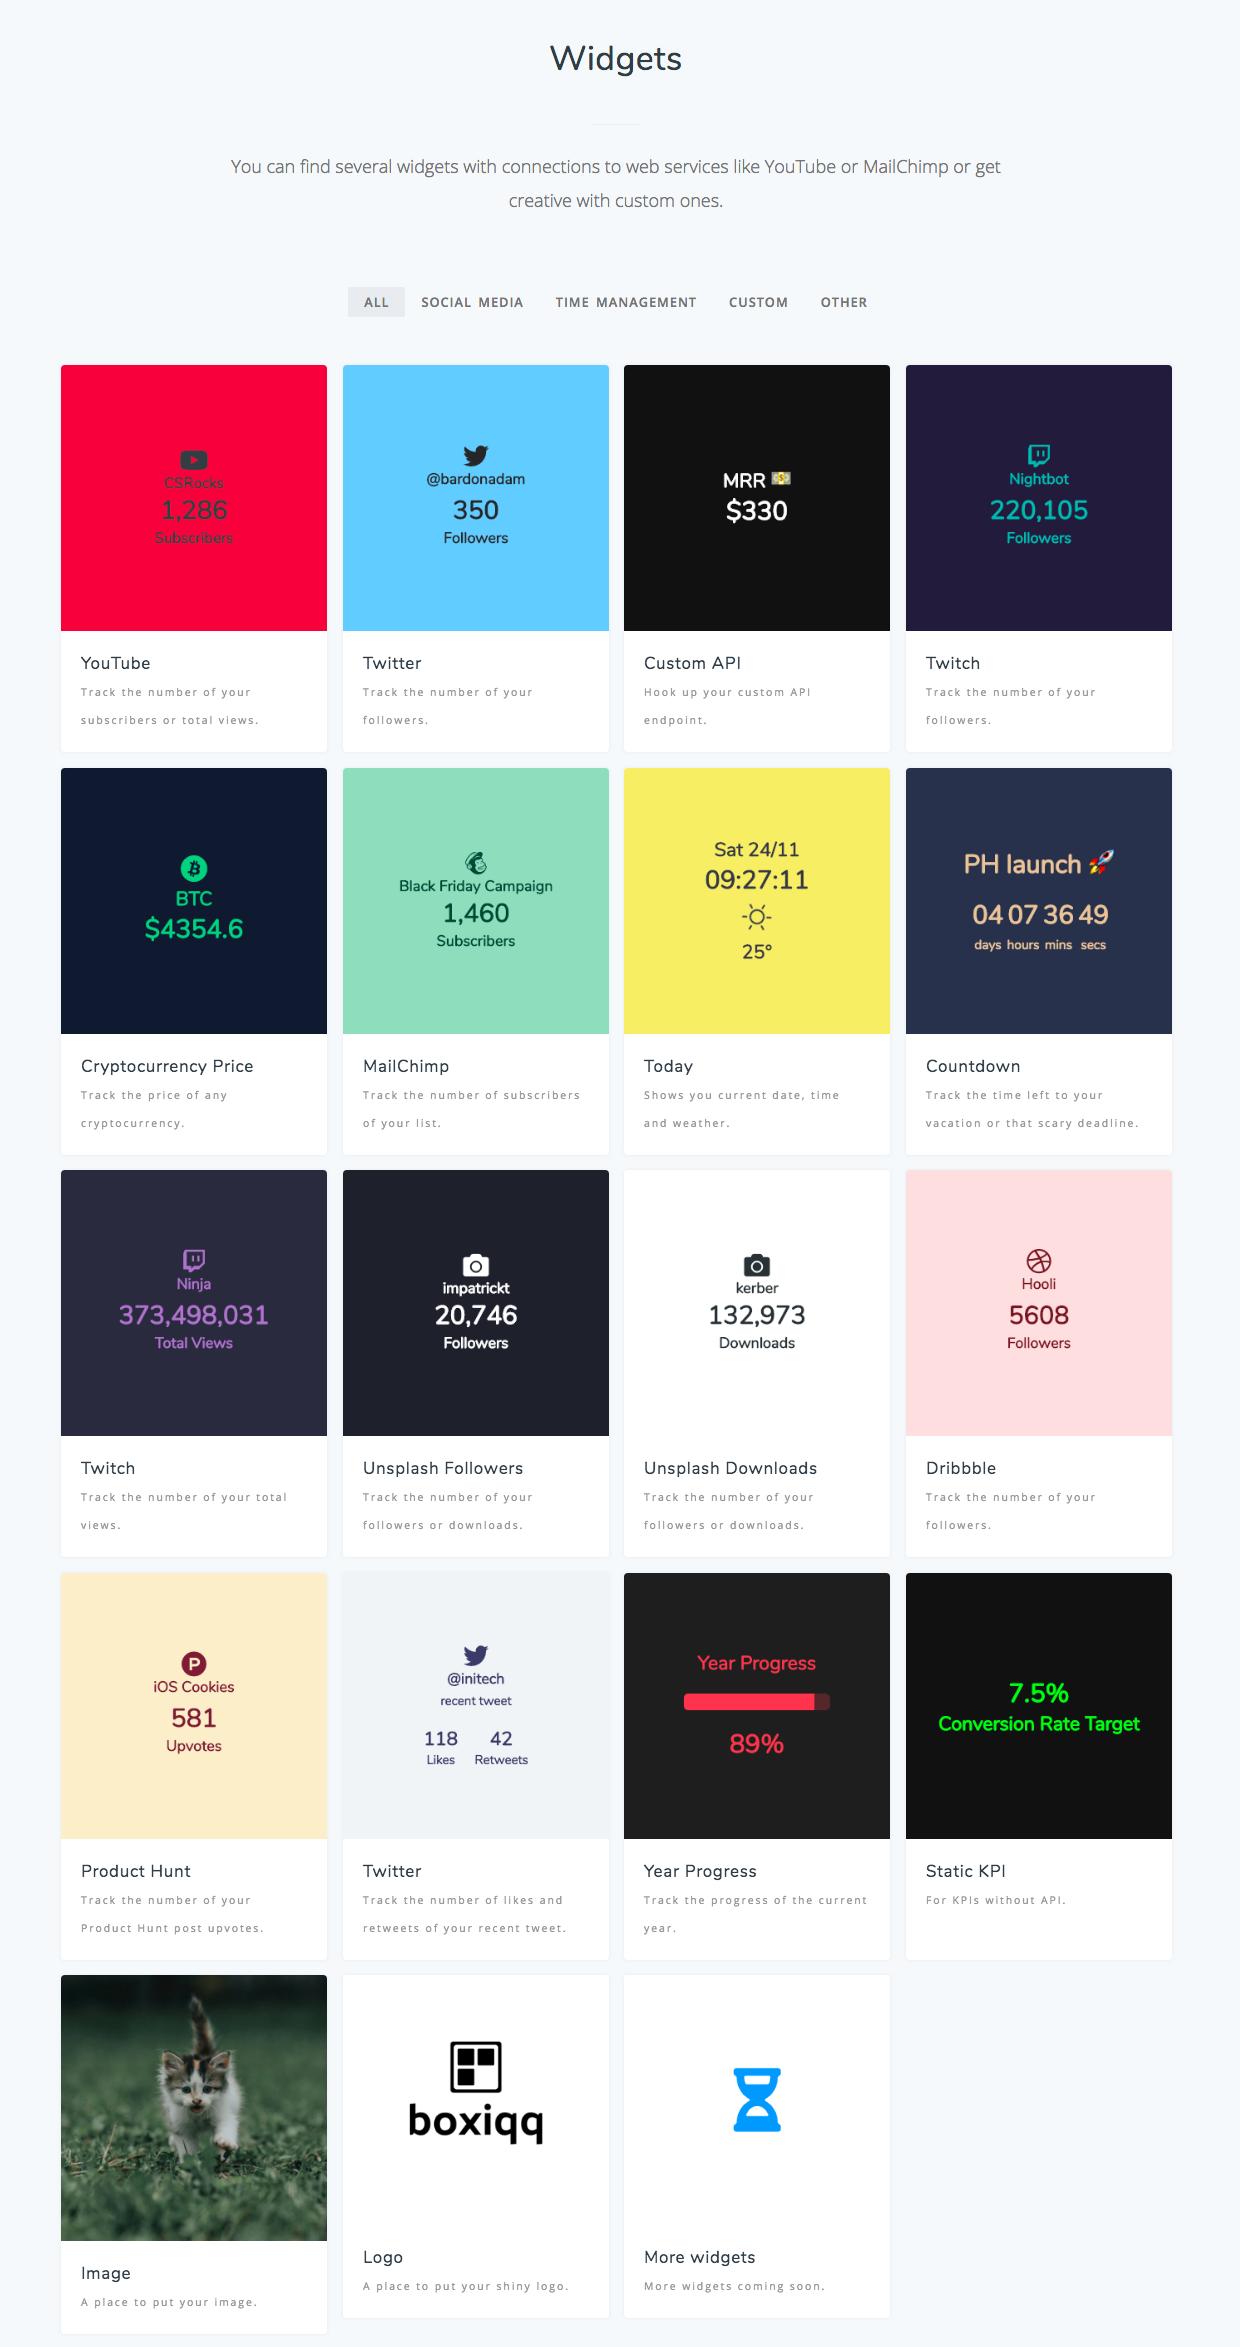 Catalogue de widgets pour personnaliser son dashboard boxiqq